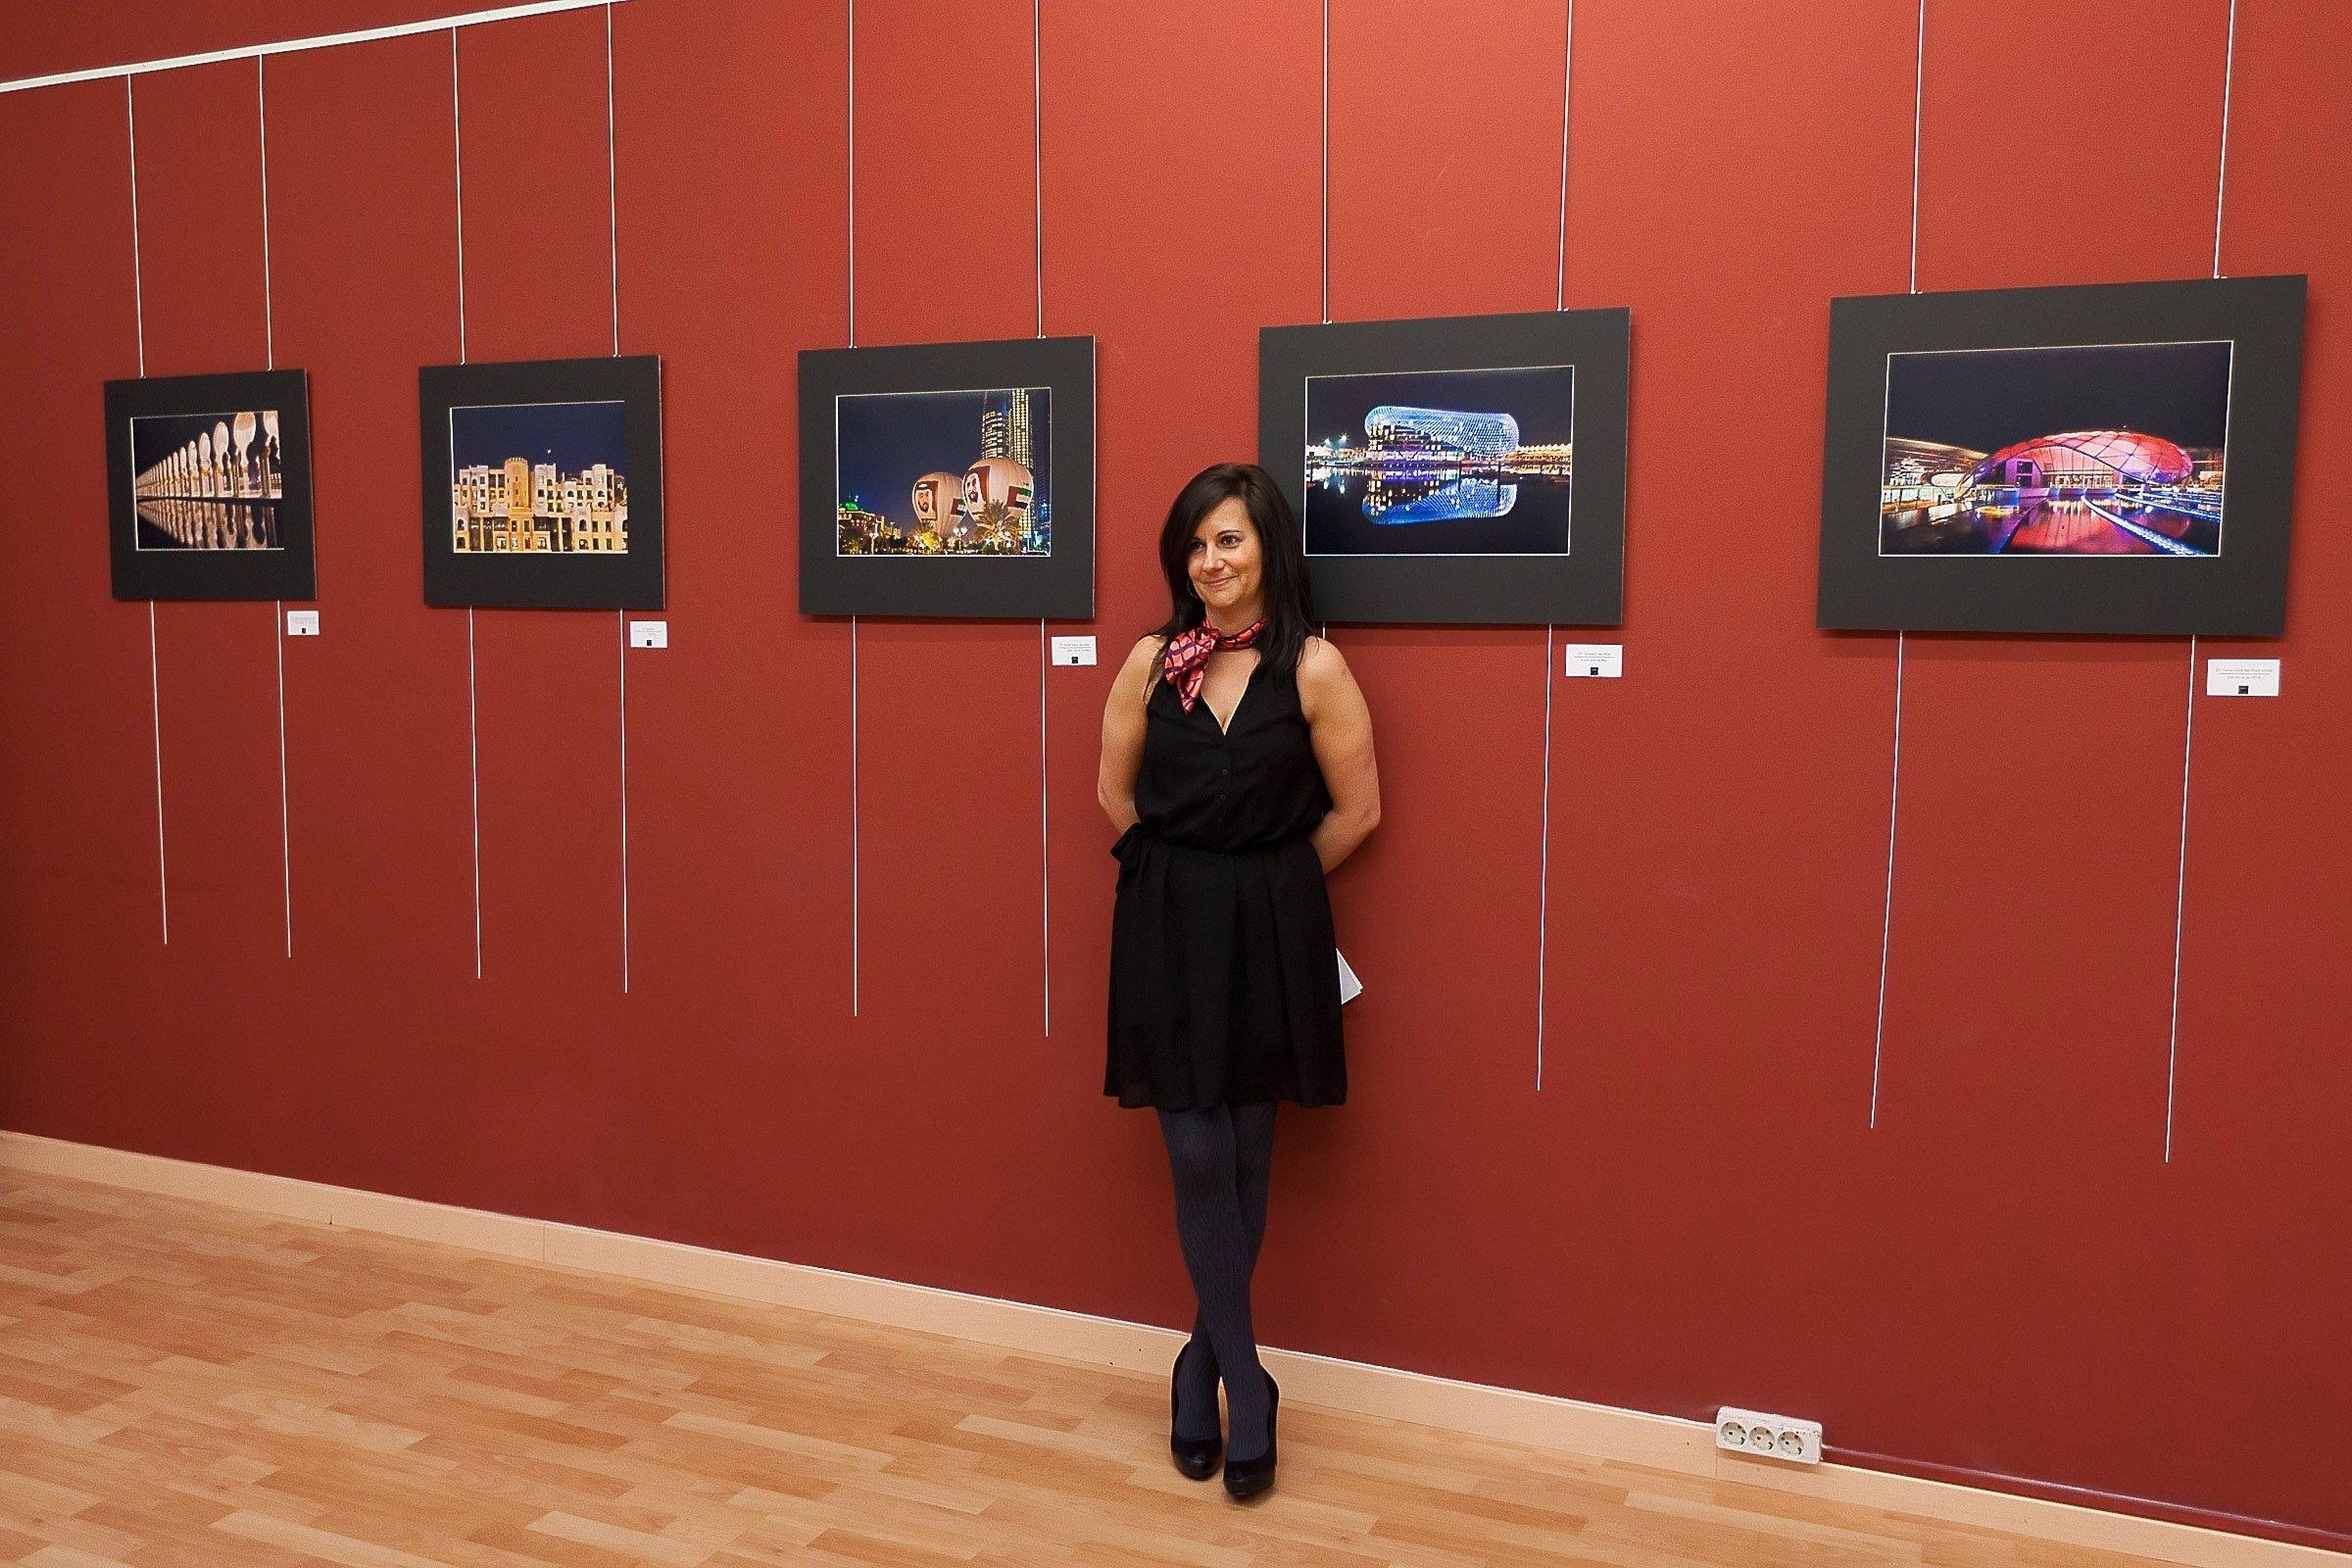 La exposición «Arquitectura vanguardista en el desierto» de la fotógrafa Conchy Aisa se exhibe en Sala Macabeo